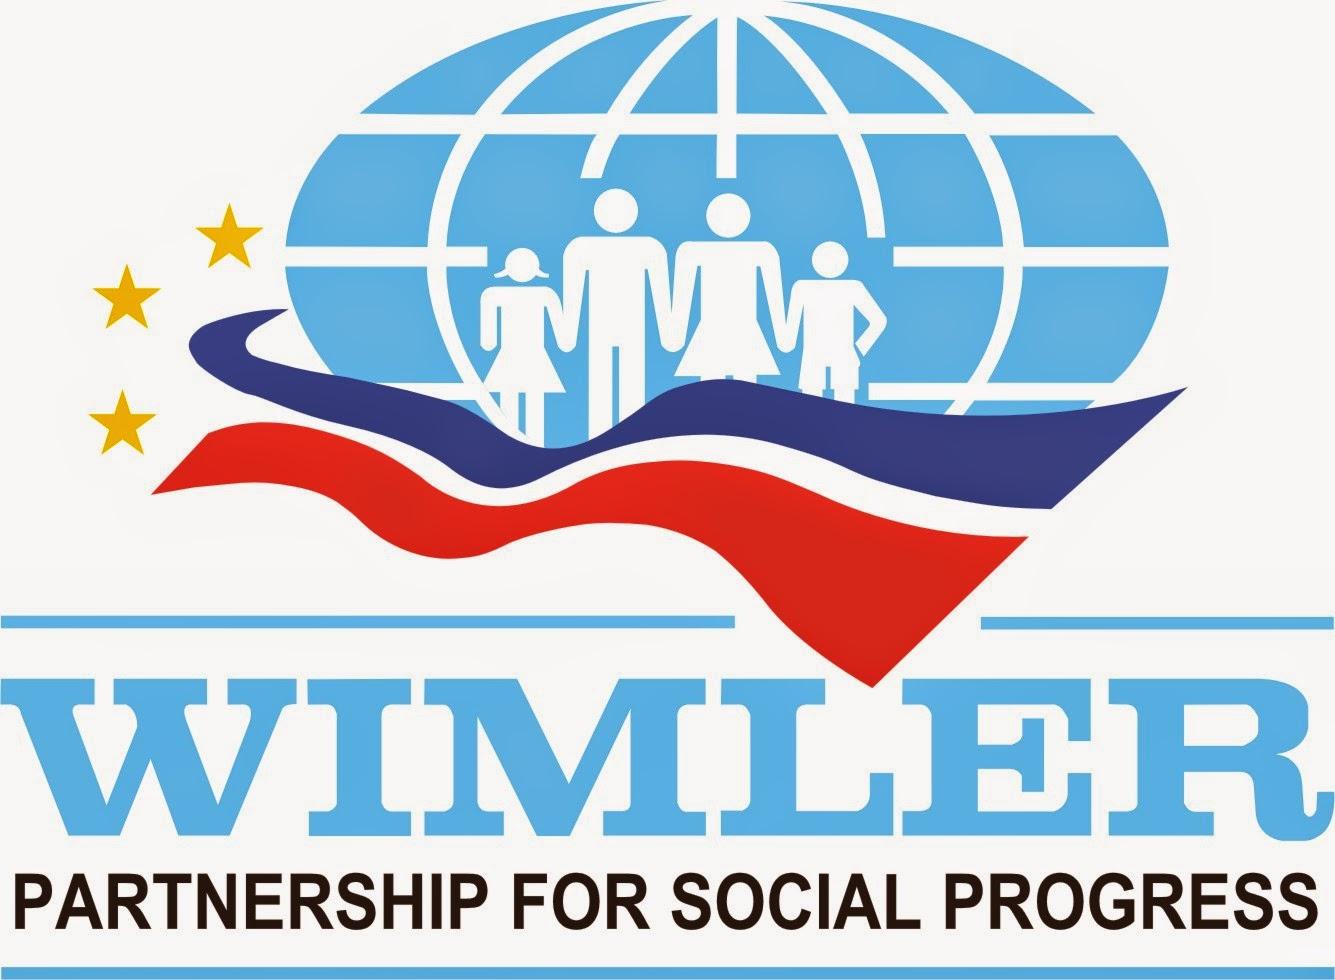 WIMLER org